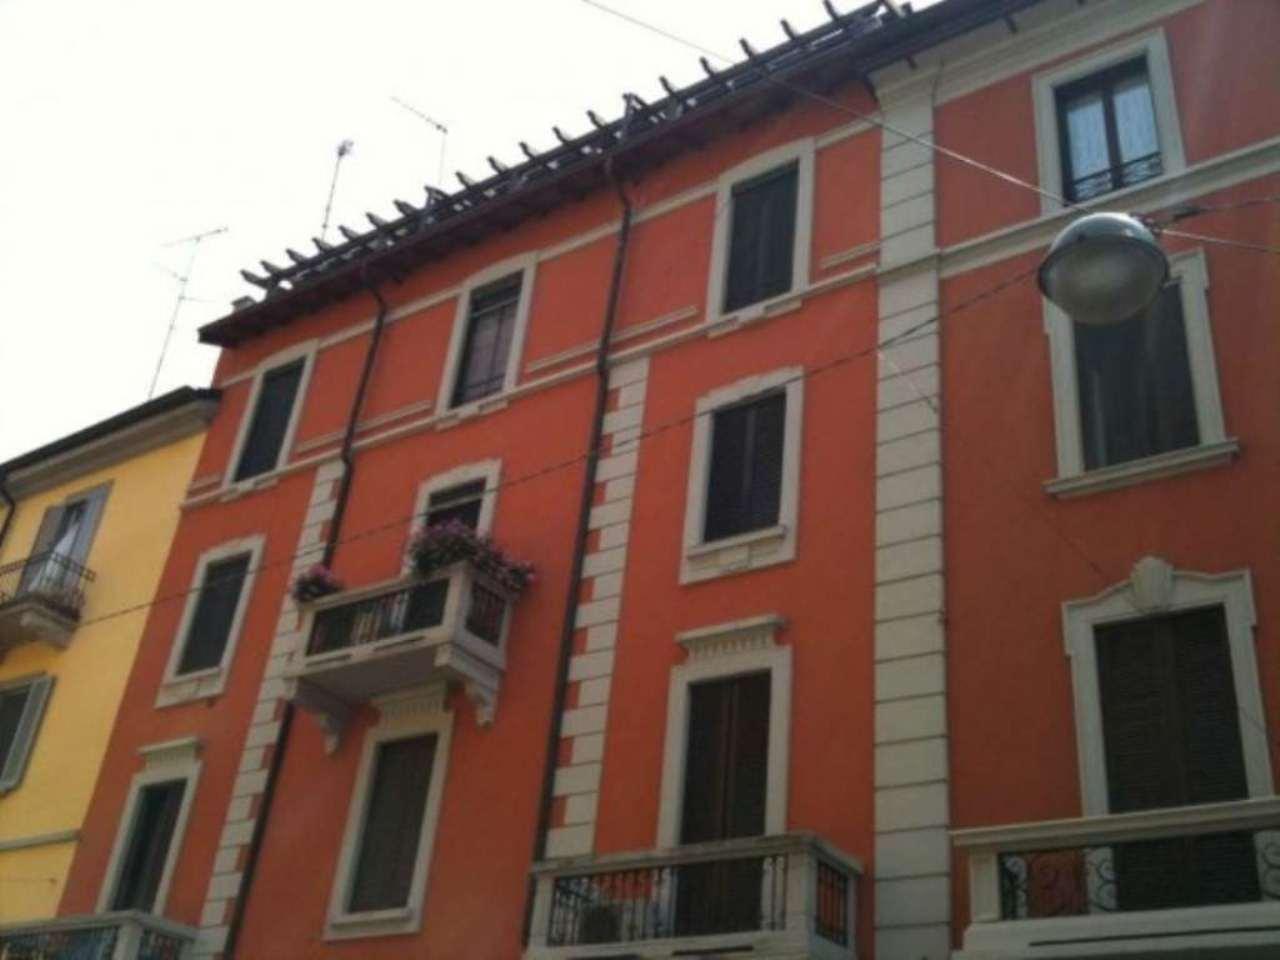 Attico / Mansarda in vendita a Milano, 3 locali, zona Zona: 7 . Corvetto, Lodi, Forlanini, Umbria, Rogoredo, prezzo € 220.000 | Cambio Casa.it